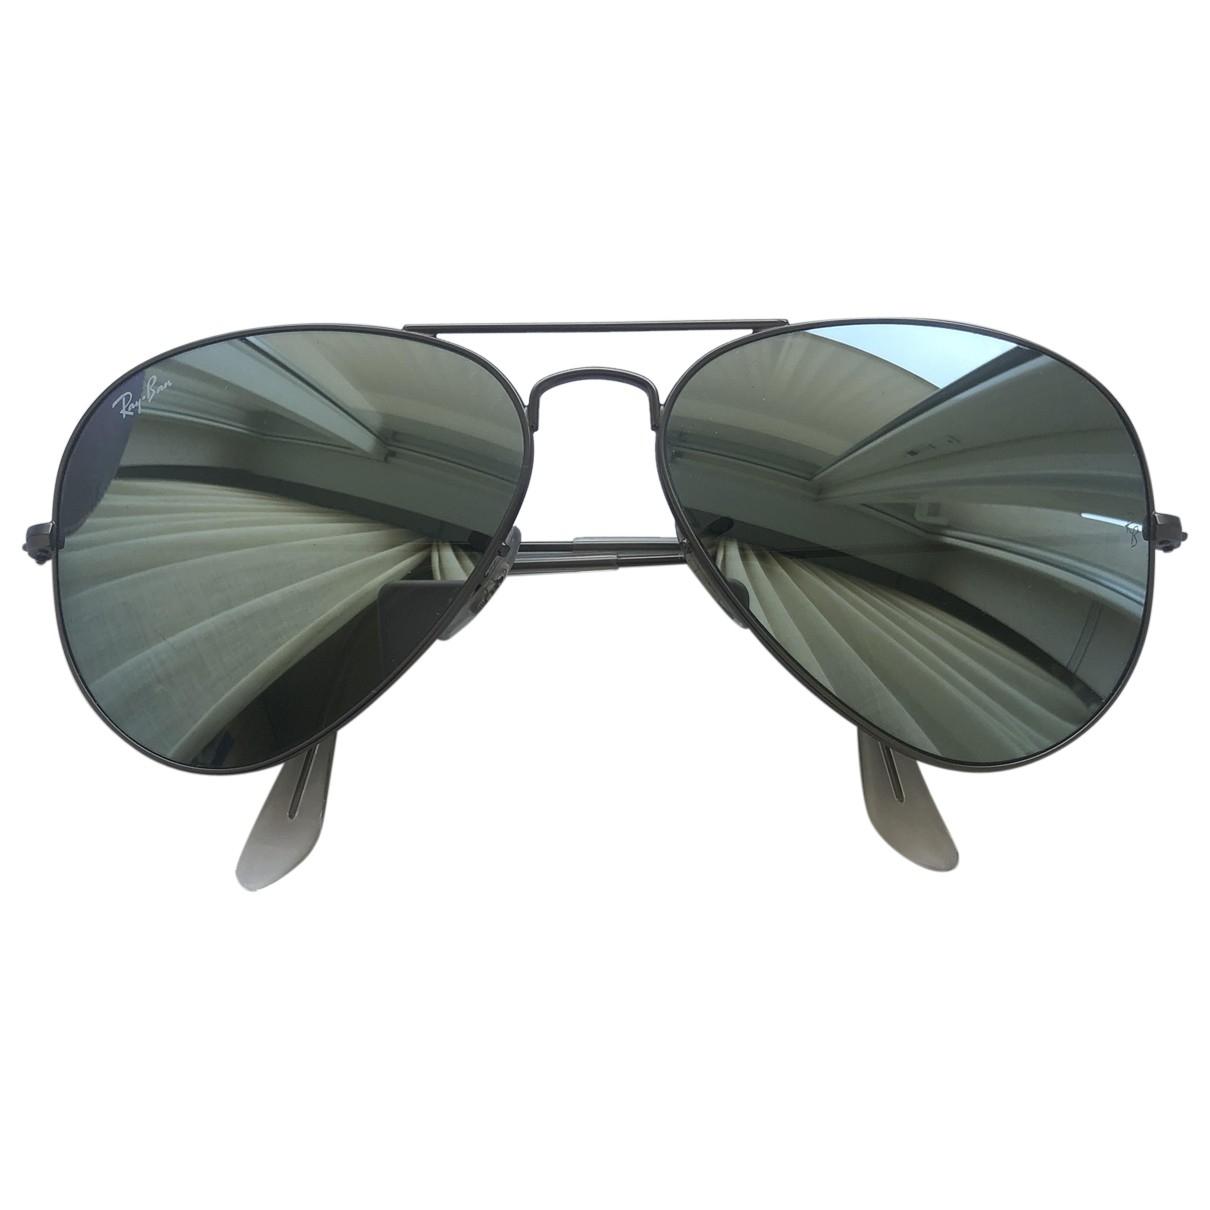 Ray-ban Aviator Sonnenbrillen in  Anthrazit Metall